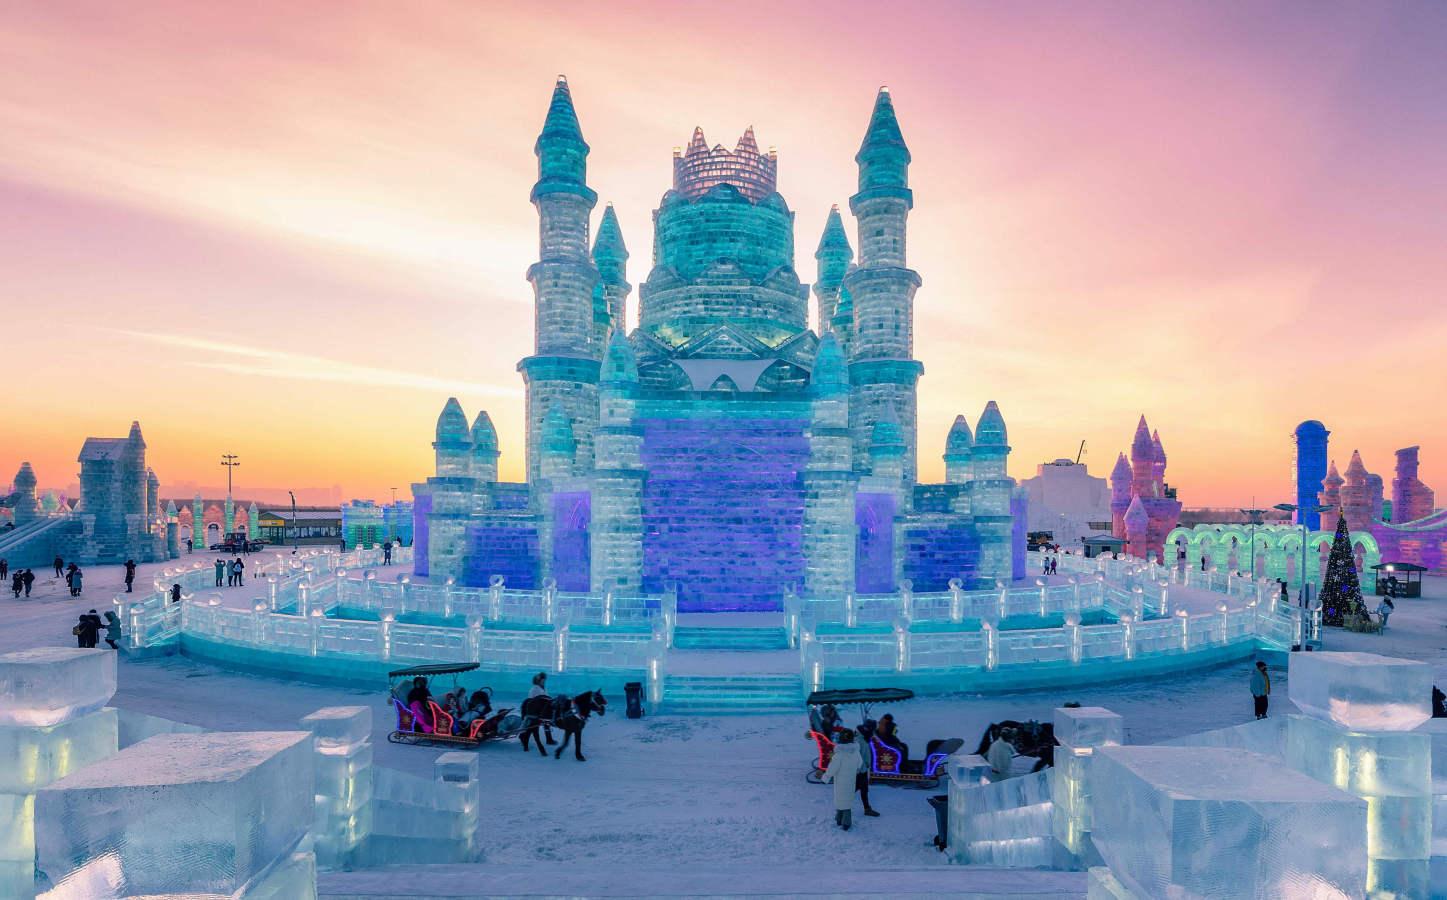 La ciudad de hielo